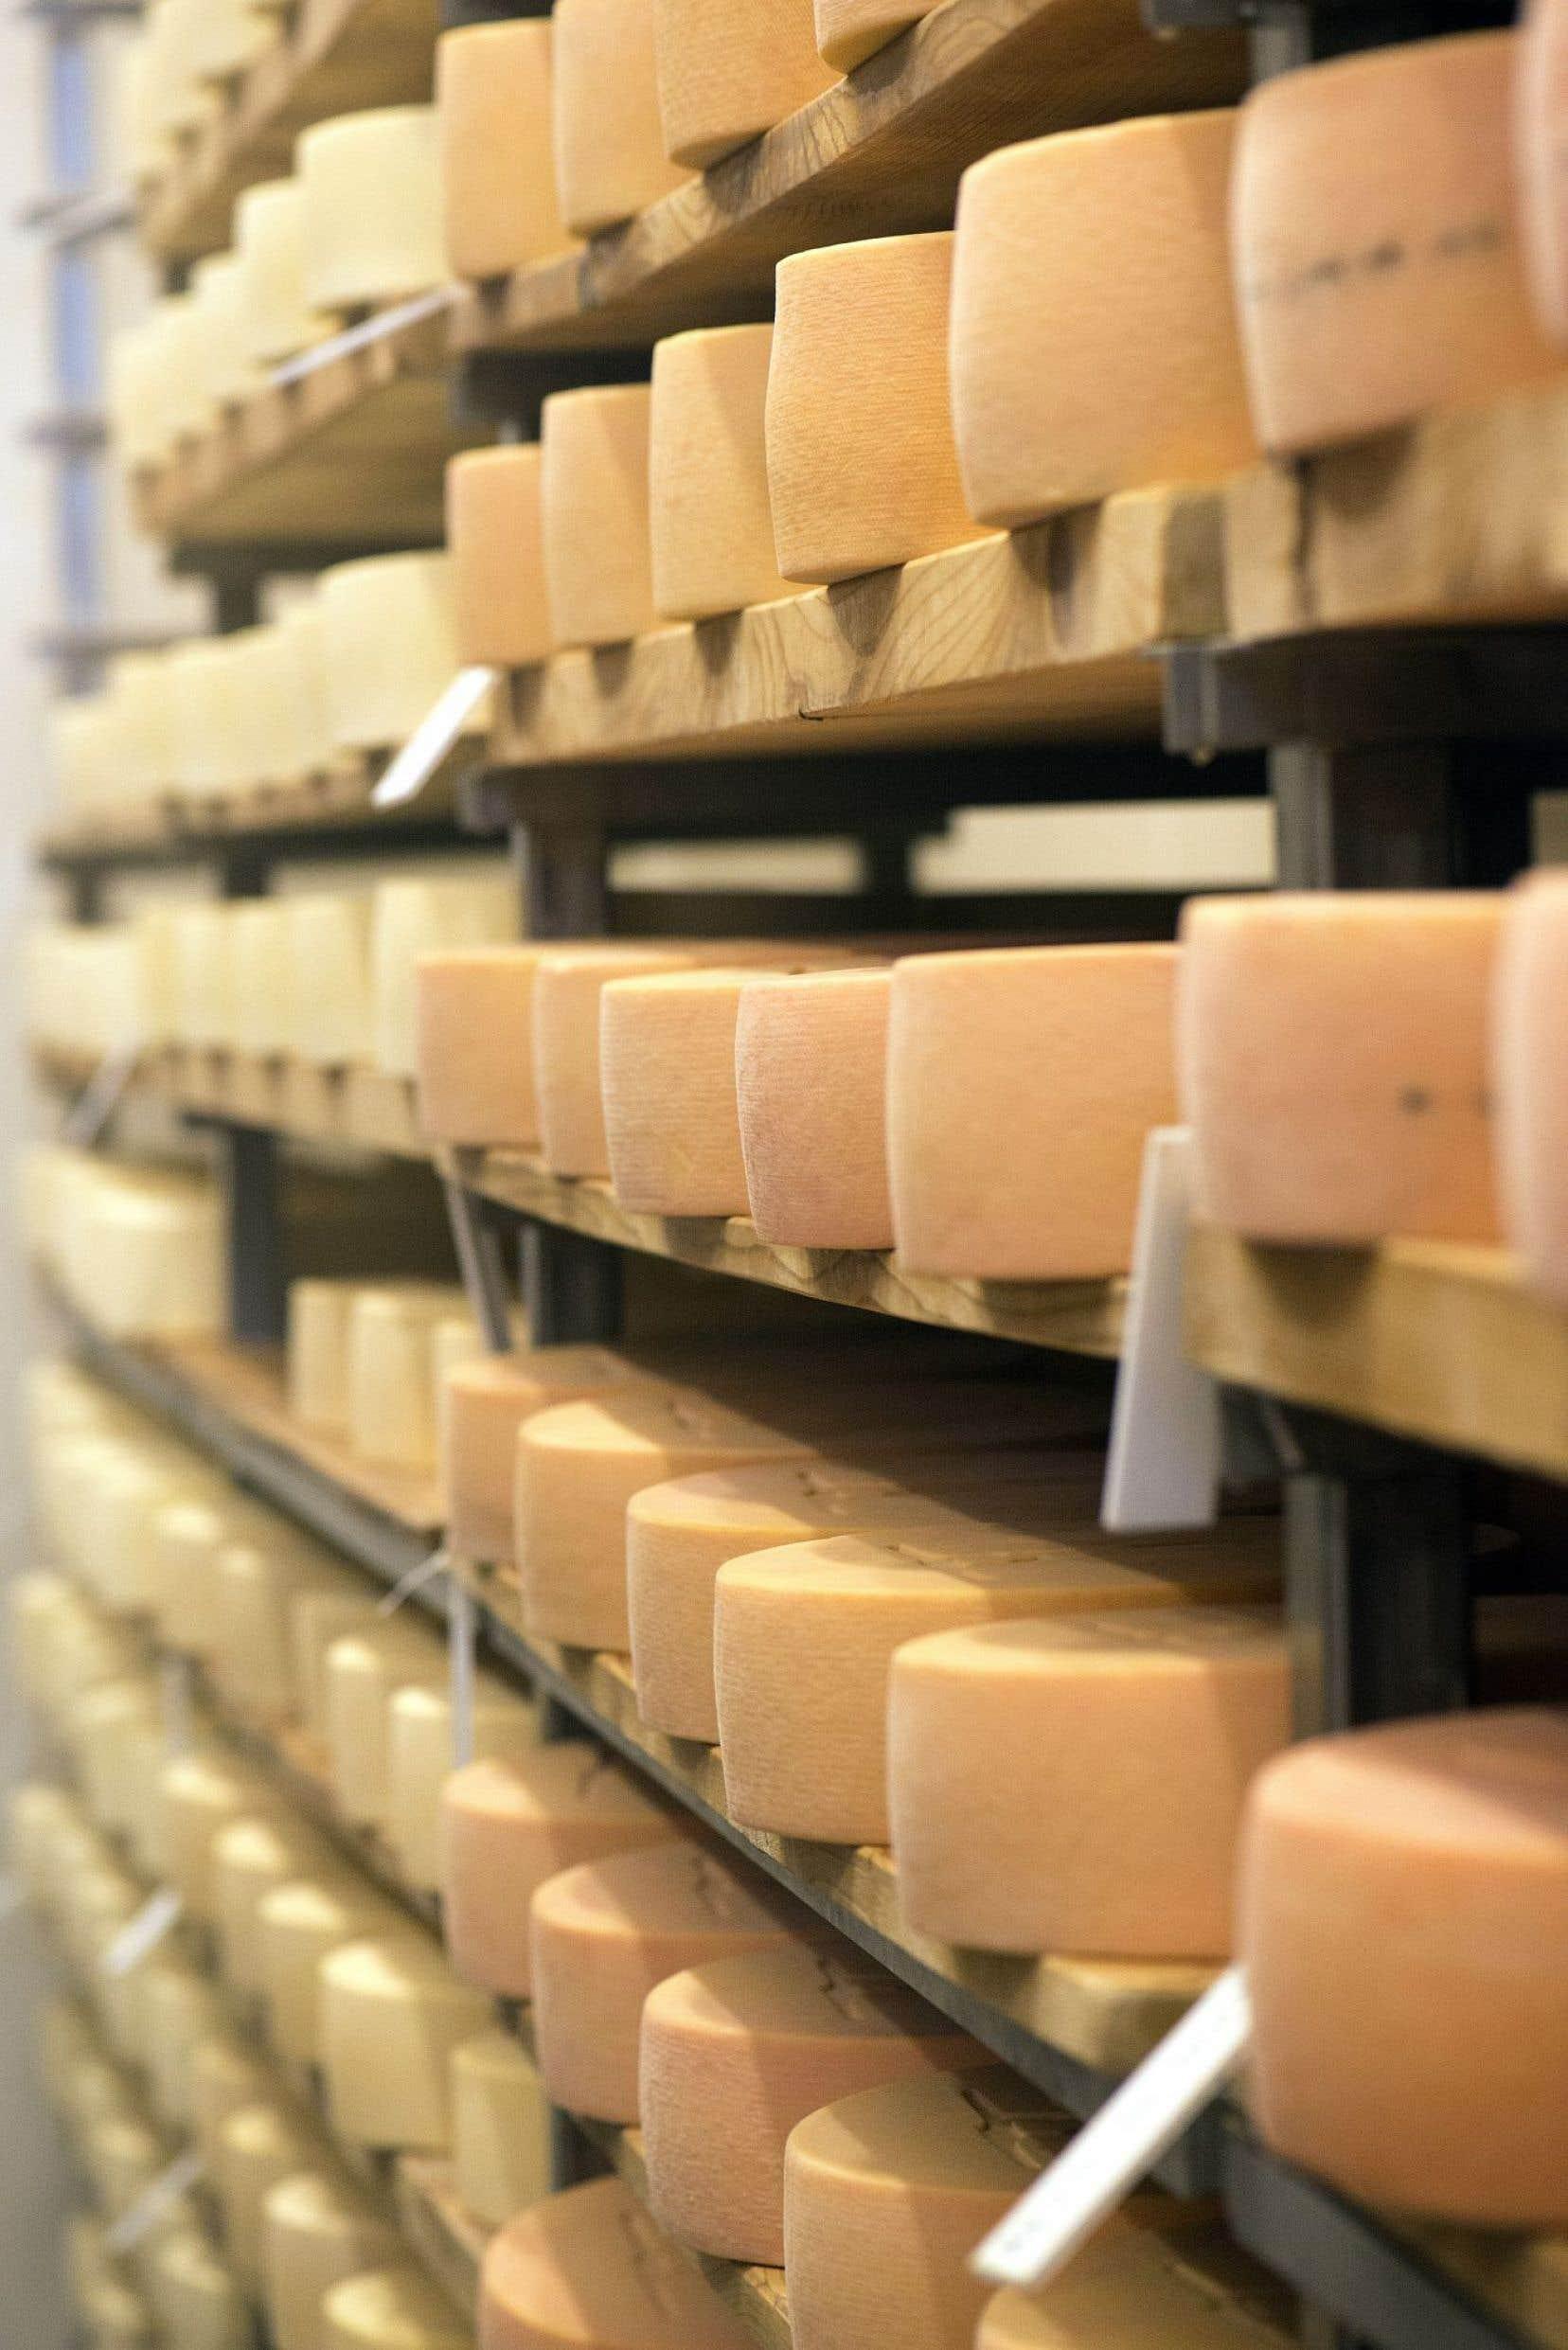 Les consommateurs ne peuvent pas vraiment s'attendre à des baisses substantielles du prix des fromages.